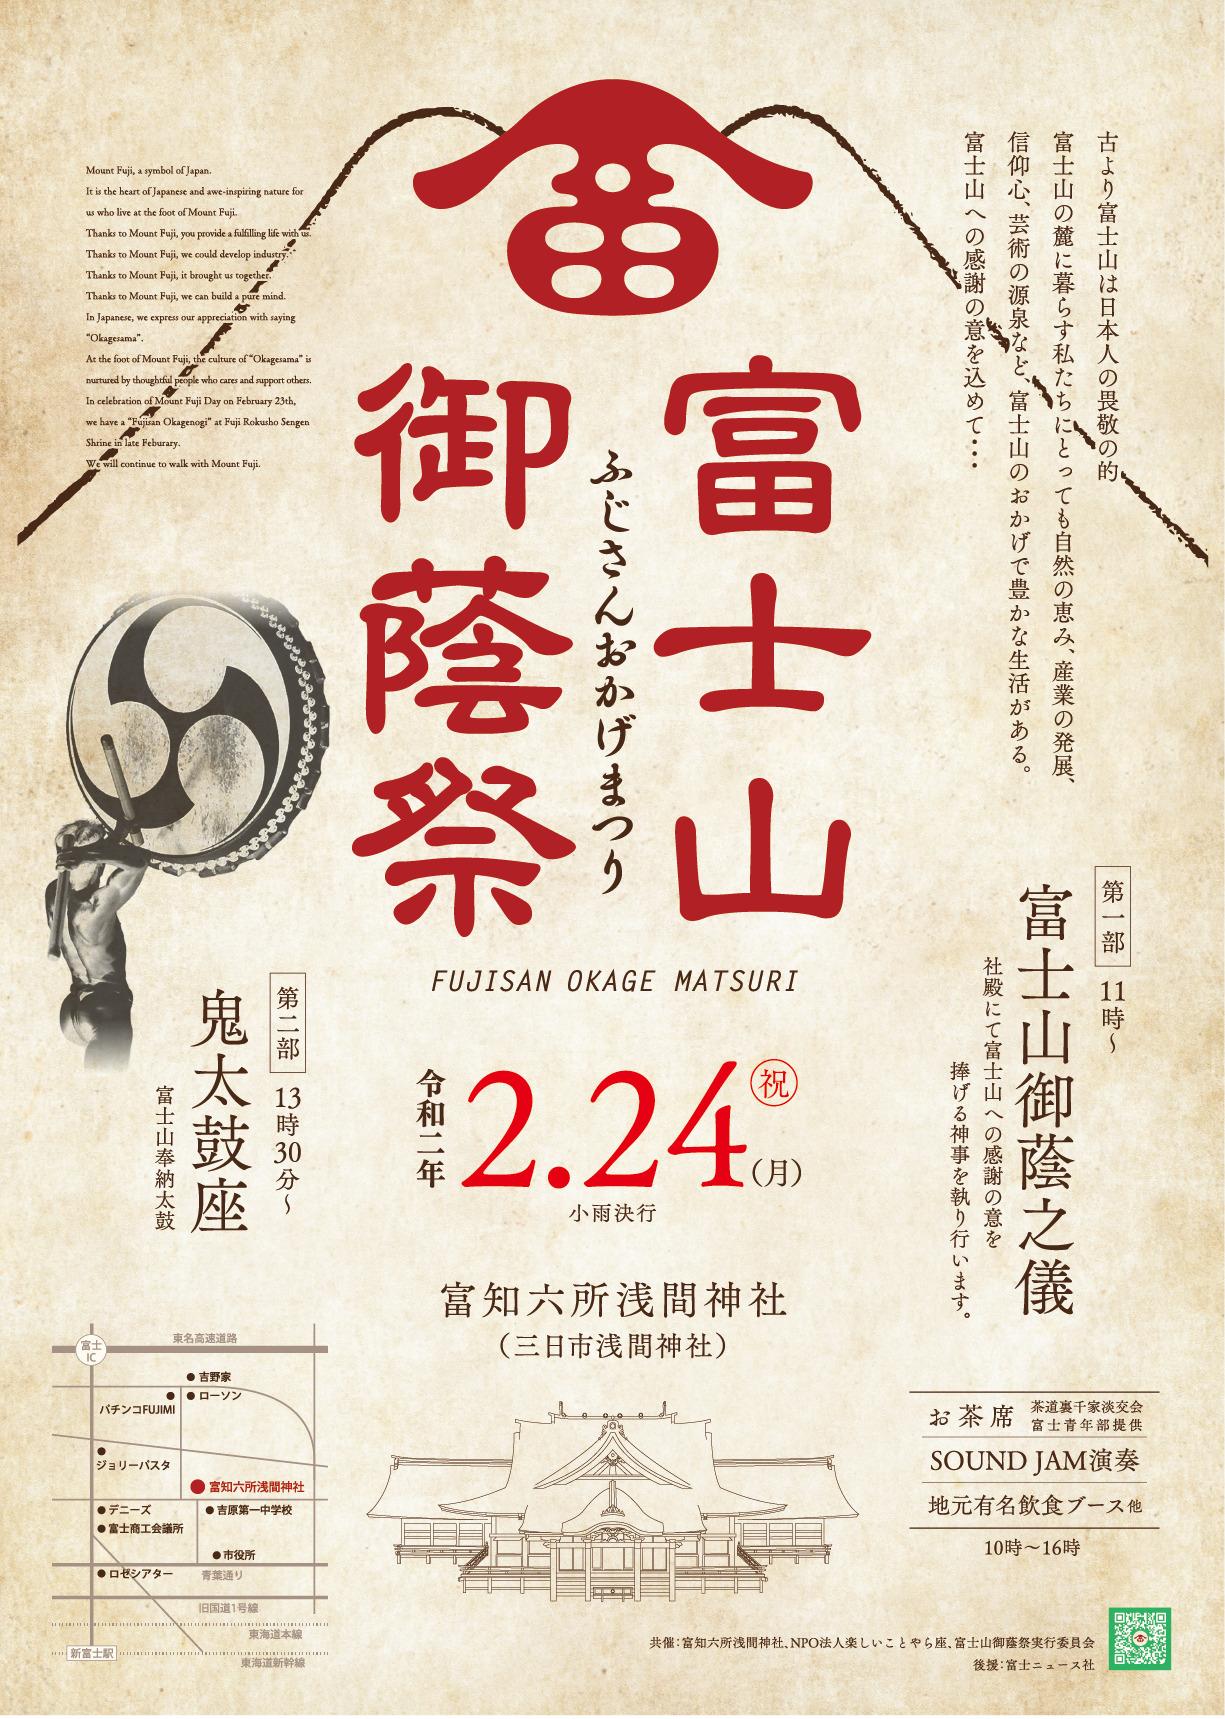 富士山御蔭祭 令和2年2月24日開催